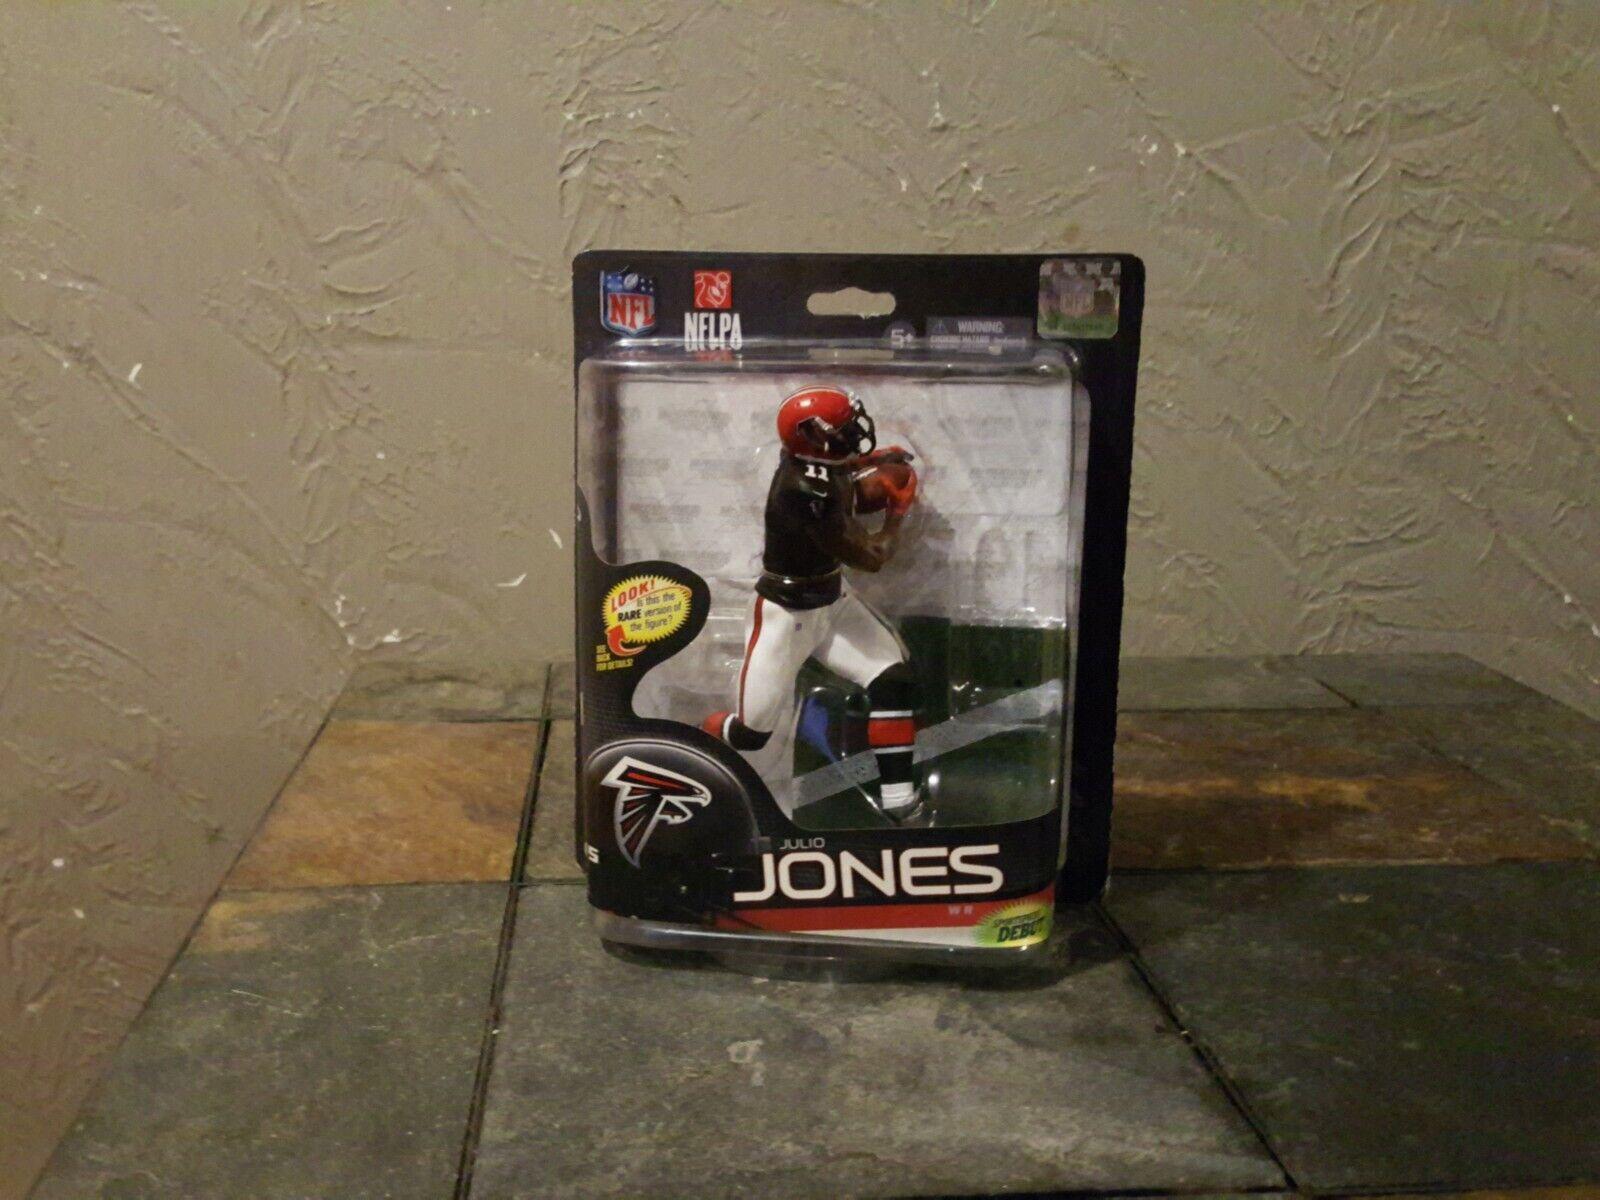 MCFARLANE JULIO JONES NFL  SERIES 33 COLLECTOR LEVEL Atlanta Falcons  pas cher et de haute qualité